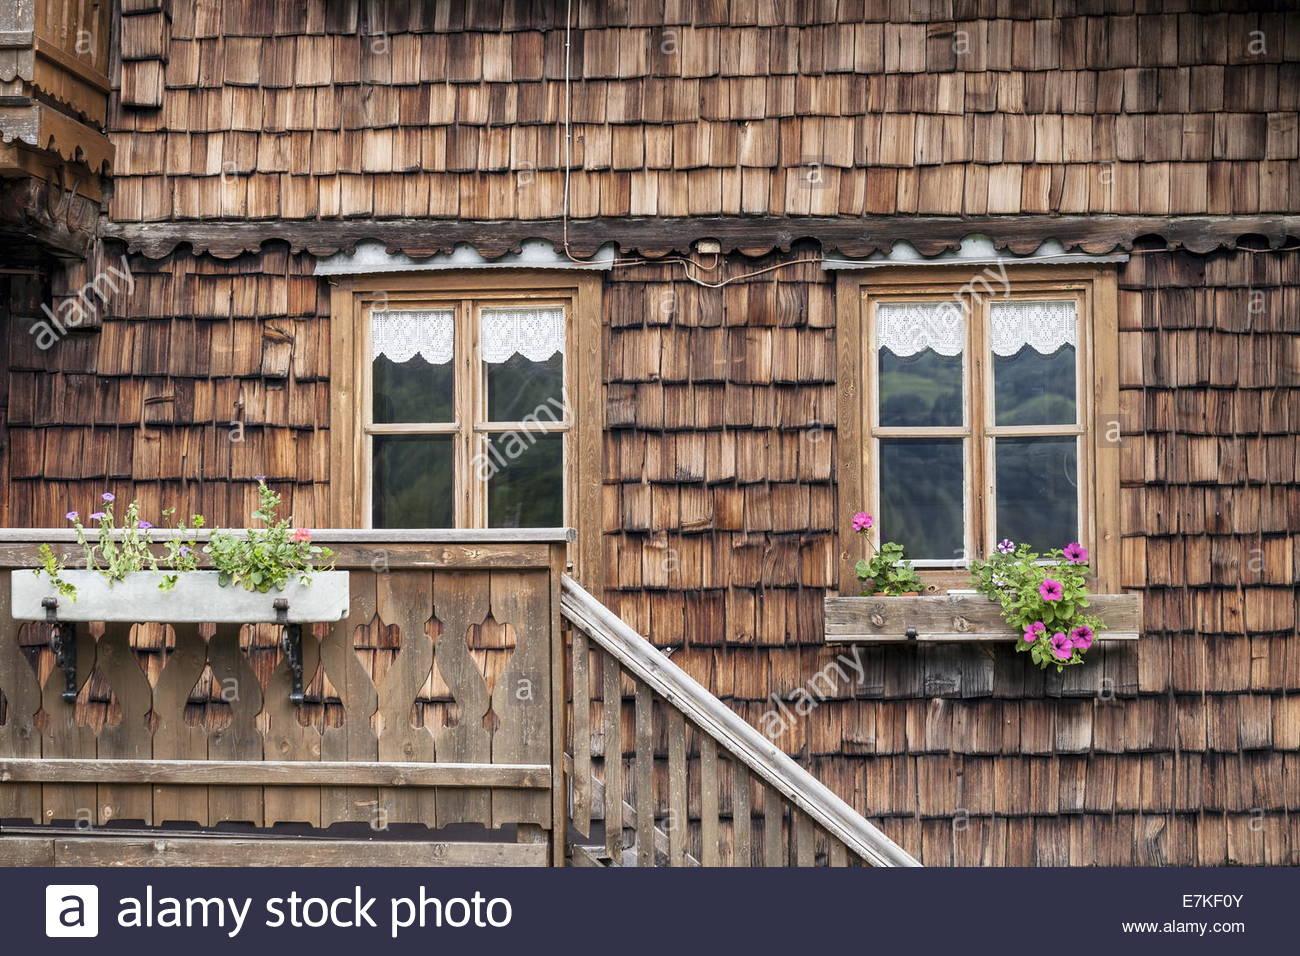 historische hausfassade mit holzschindeln stock photo 73572939 alamy. Black Bedroom Furniture Sets. Home Design Ideas